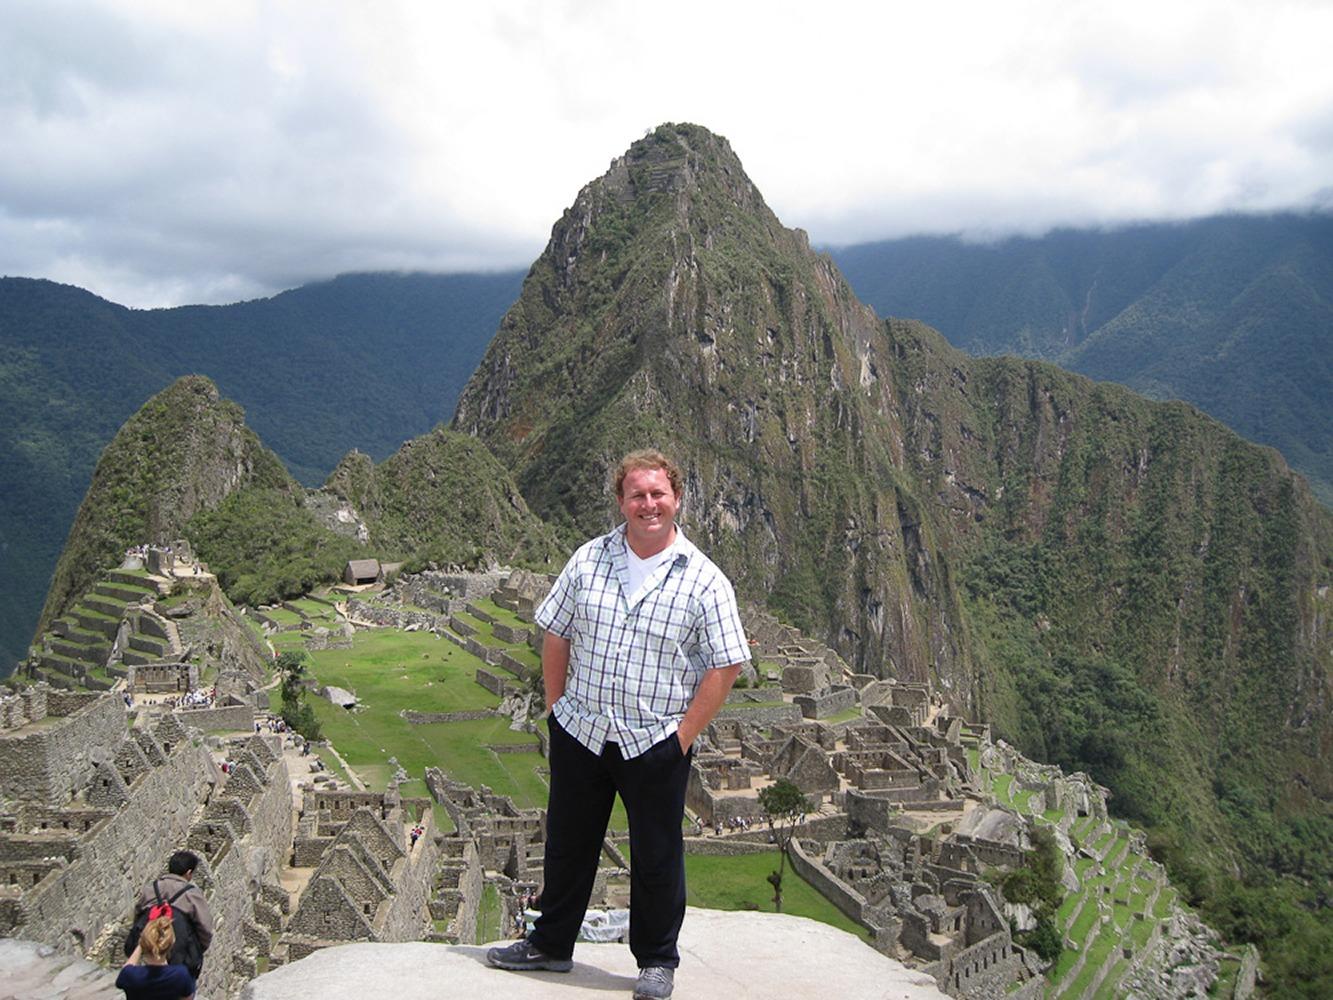 Machu Picchu, Peru. The amazing lost city of the Incas